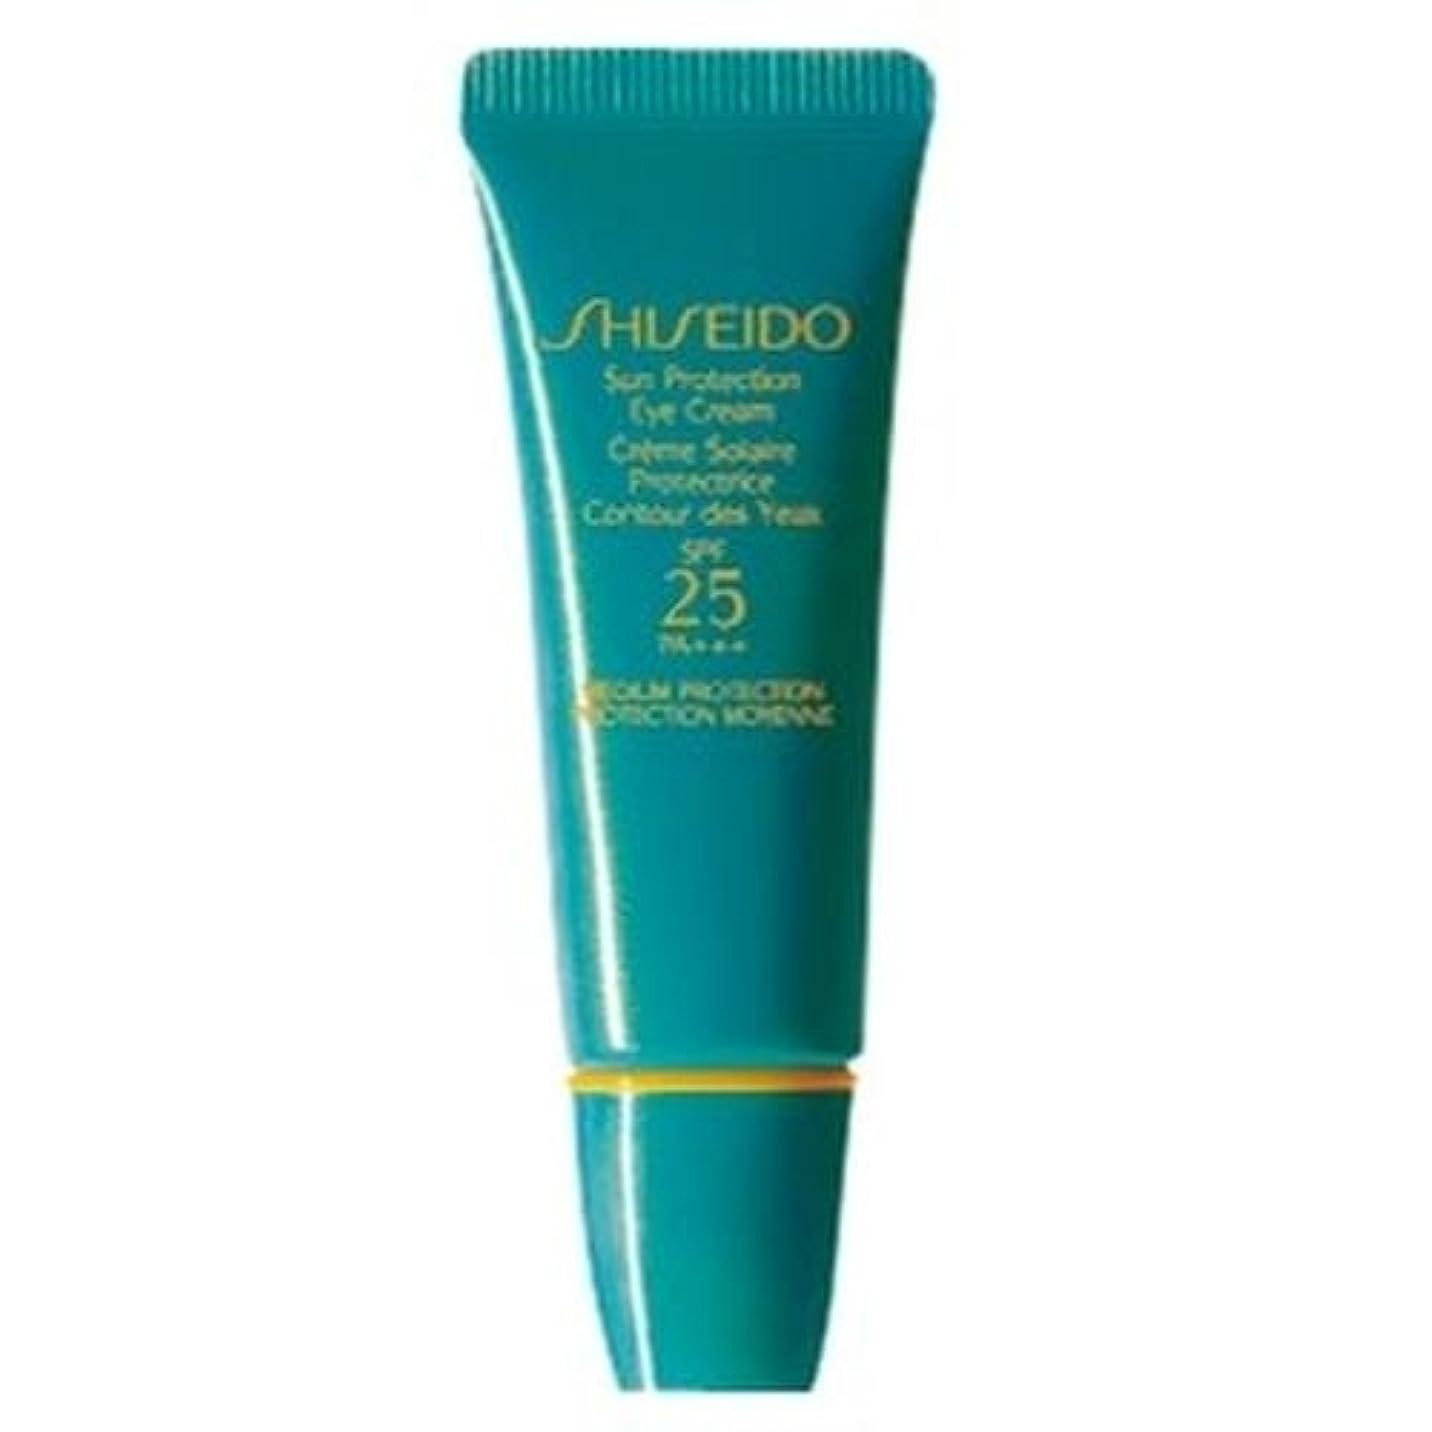 誰でも果てしない荒れ地[Shiseido] 資生堂サンプロテクションアイクリーム15ミリリットル - Shiseido Sun Protection Eye Cream 15ml [並行輸入品]